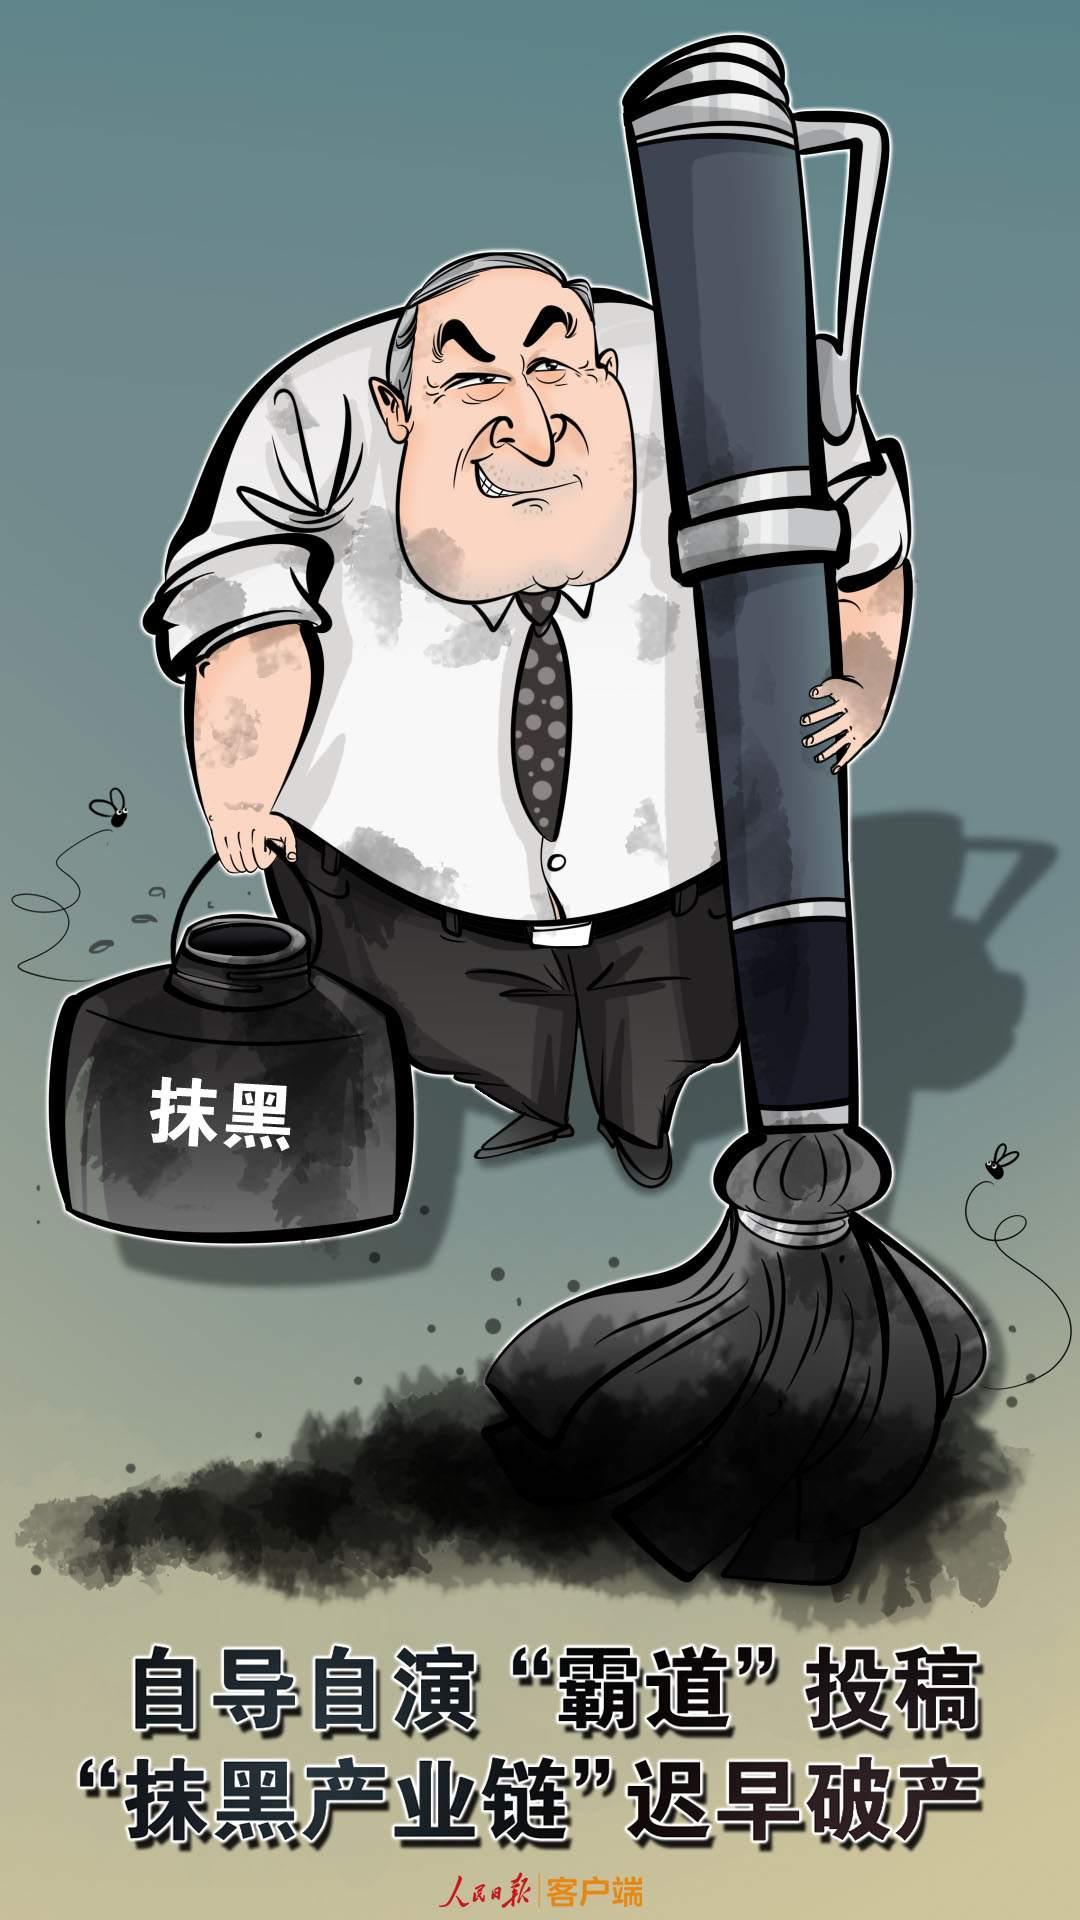 人民锐评:栽赃抹黑打压中国媒体 美霸凌手段实在拙劣图片